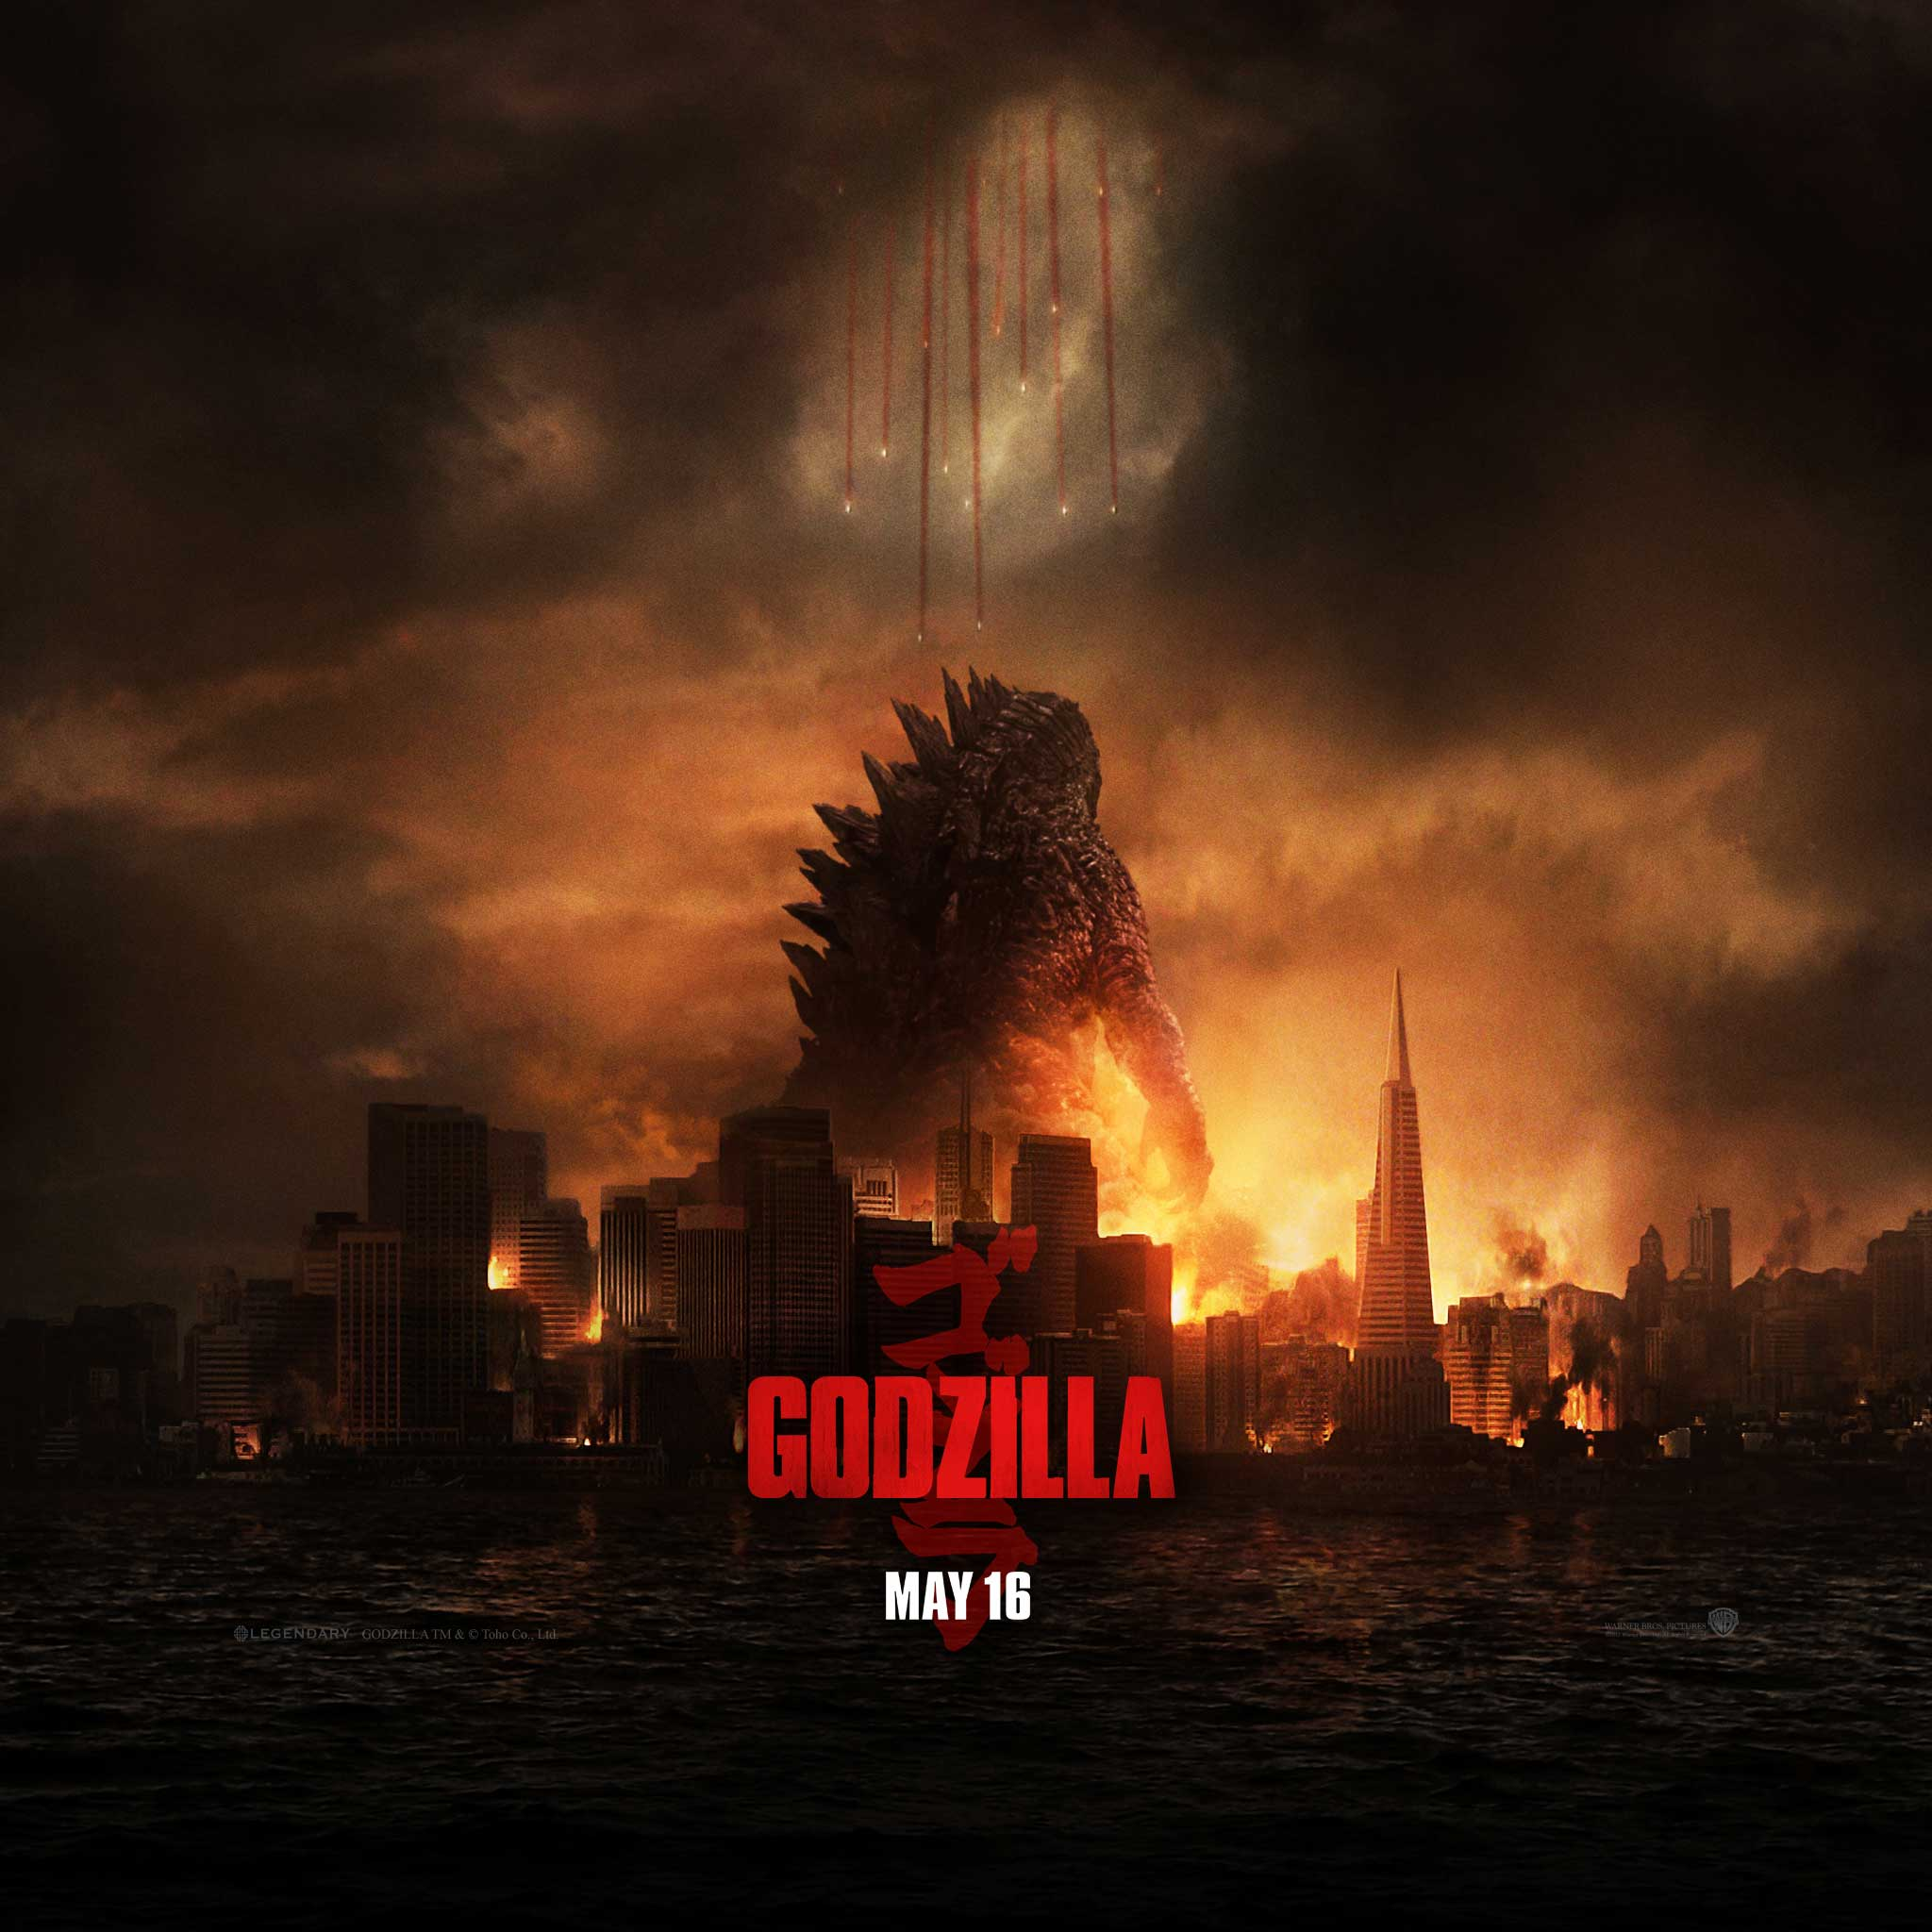 Godzilla HD Wallpaper